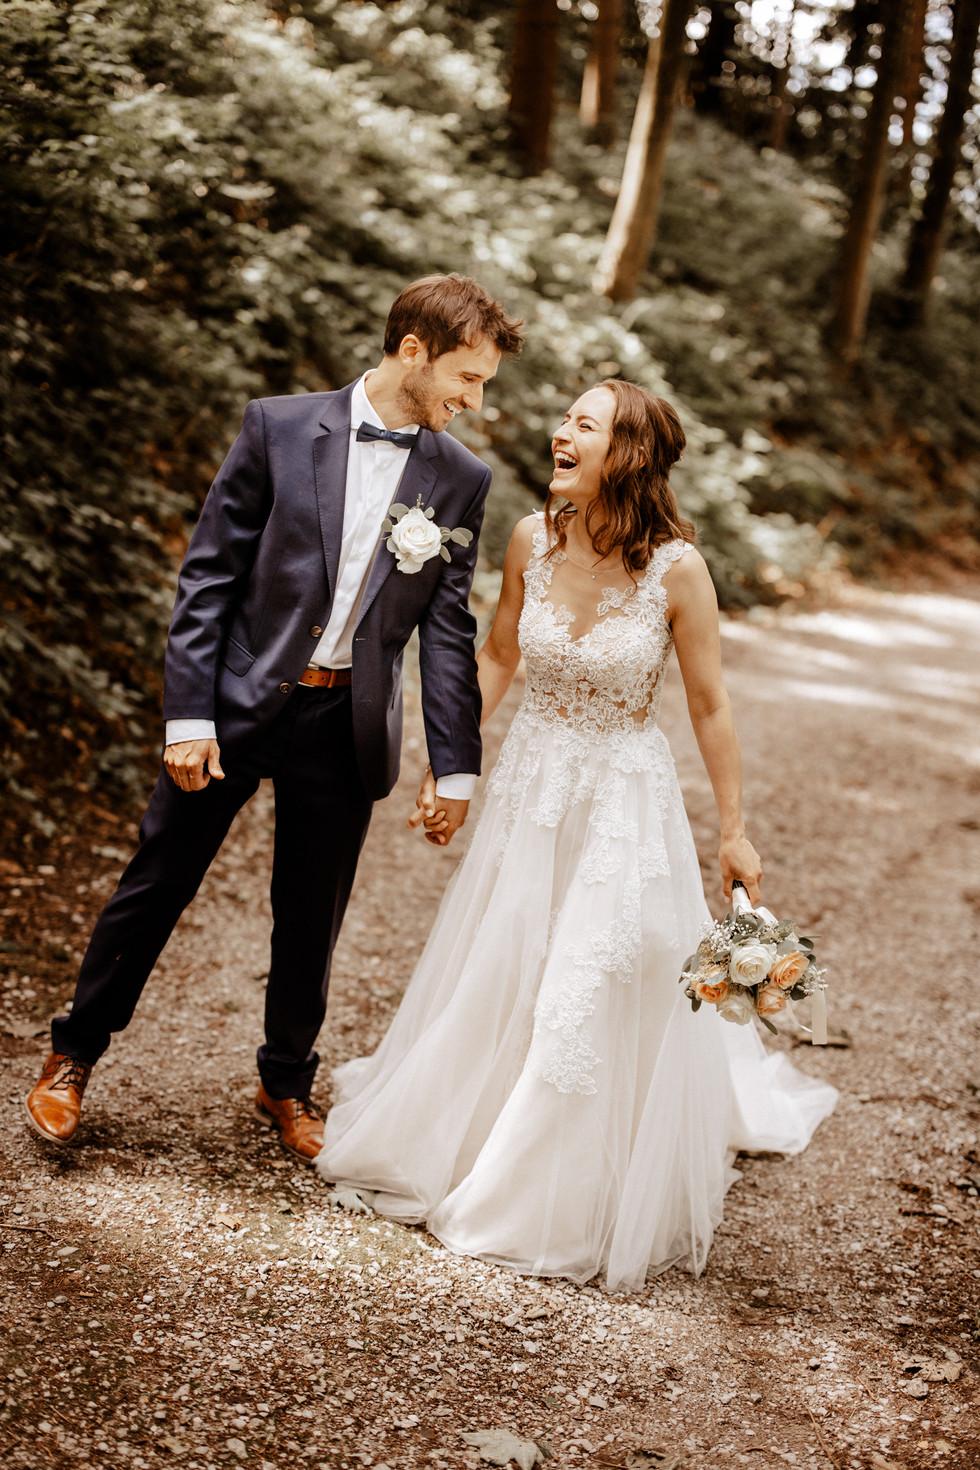 Brautpaarshooting beim im Wald 18